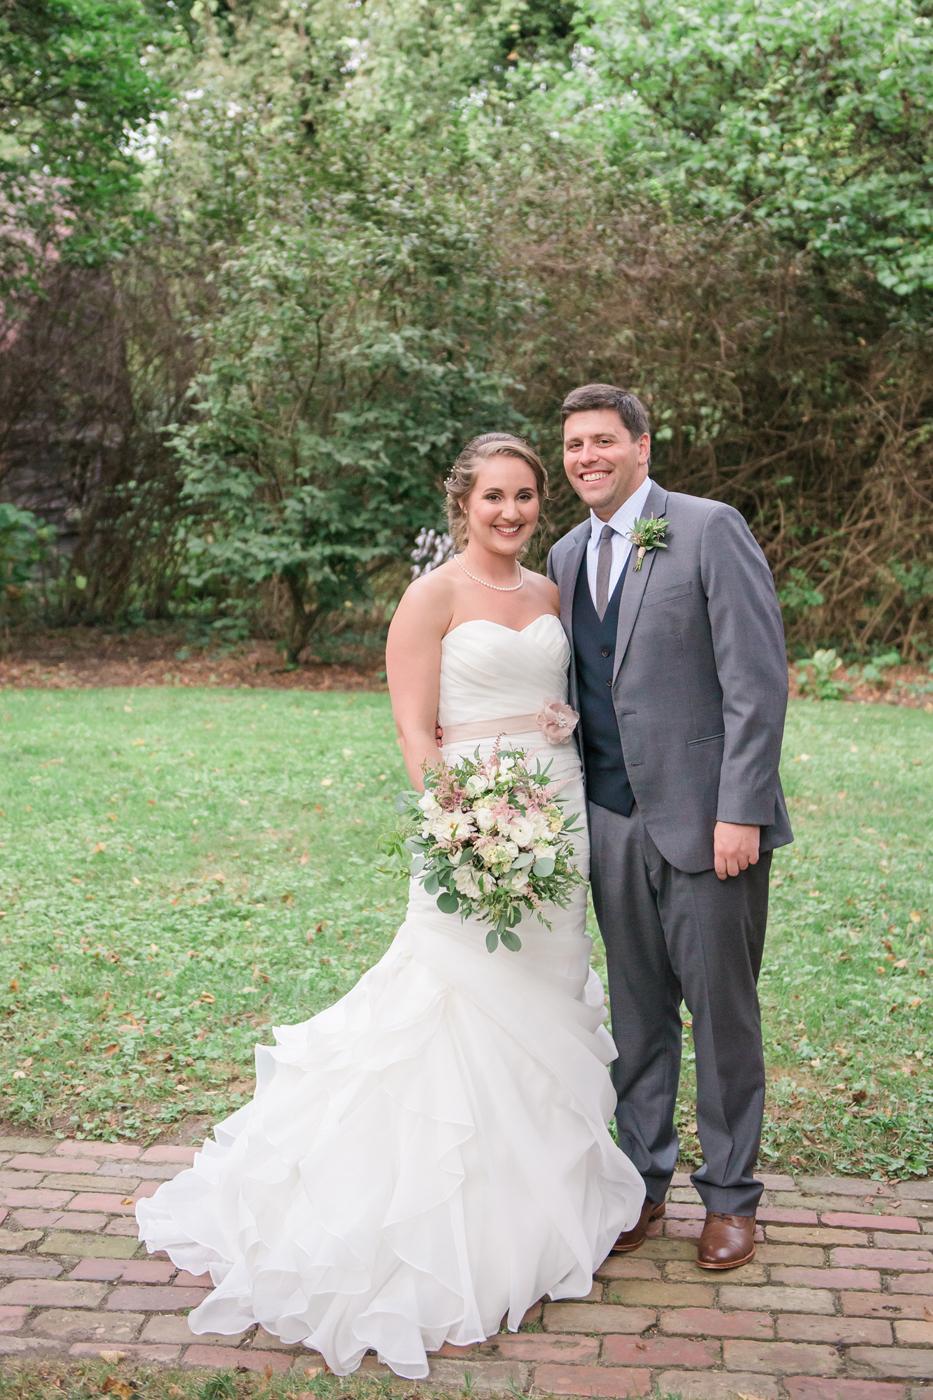 064-0302-jse-wedding-baltimore-4283